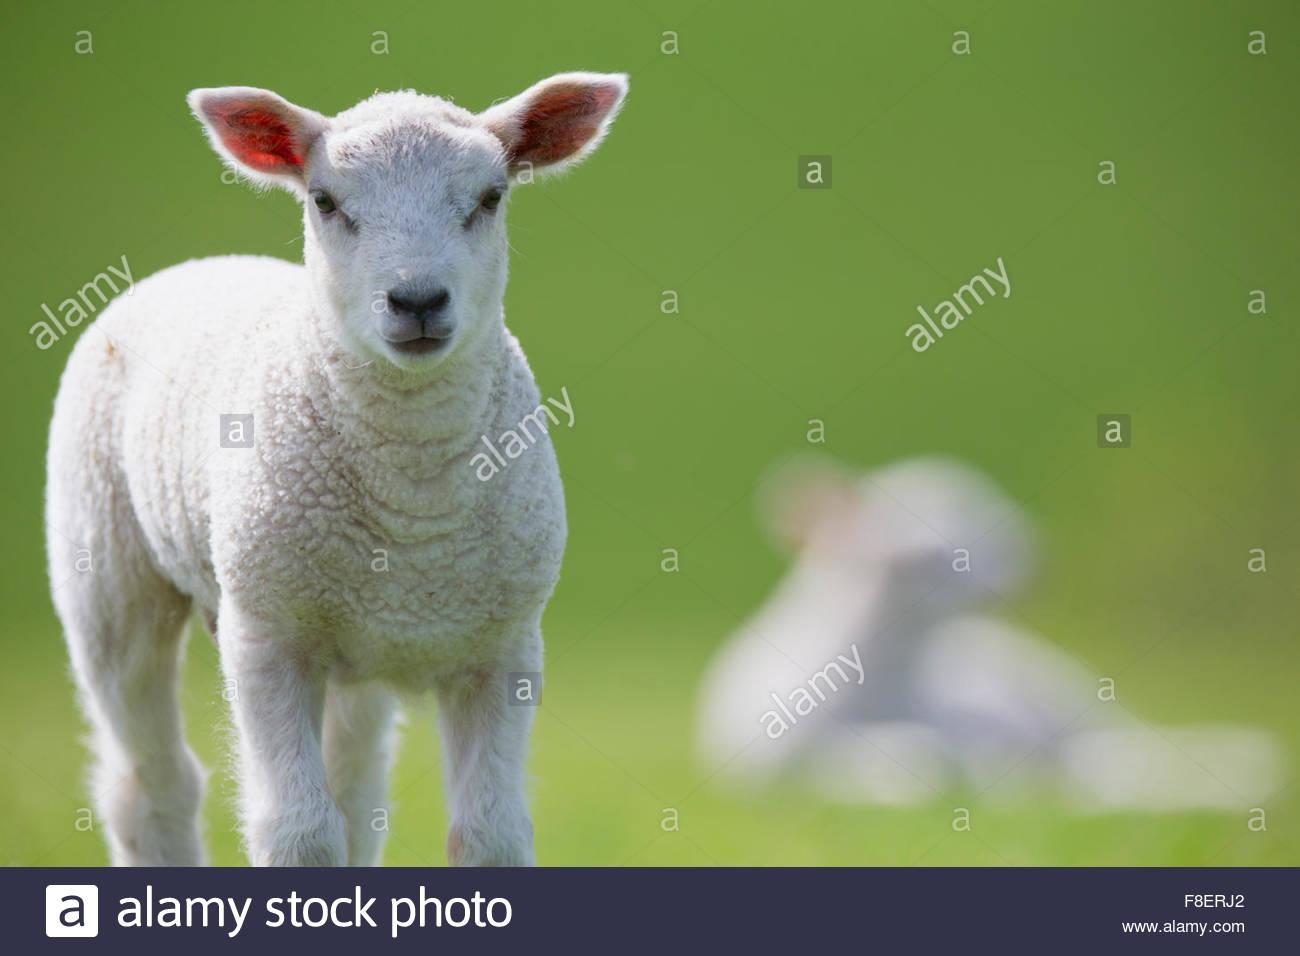 Retrato de cordero en el muelle verde hierba Imagen De Stock